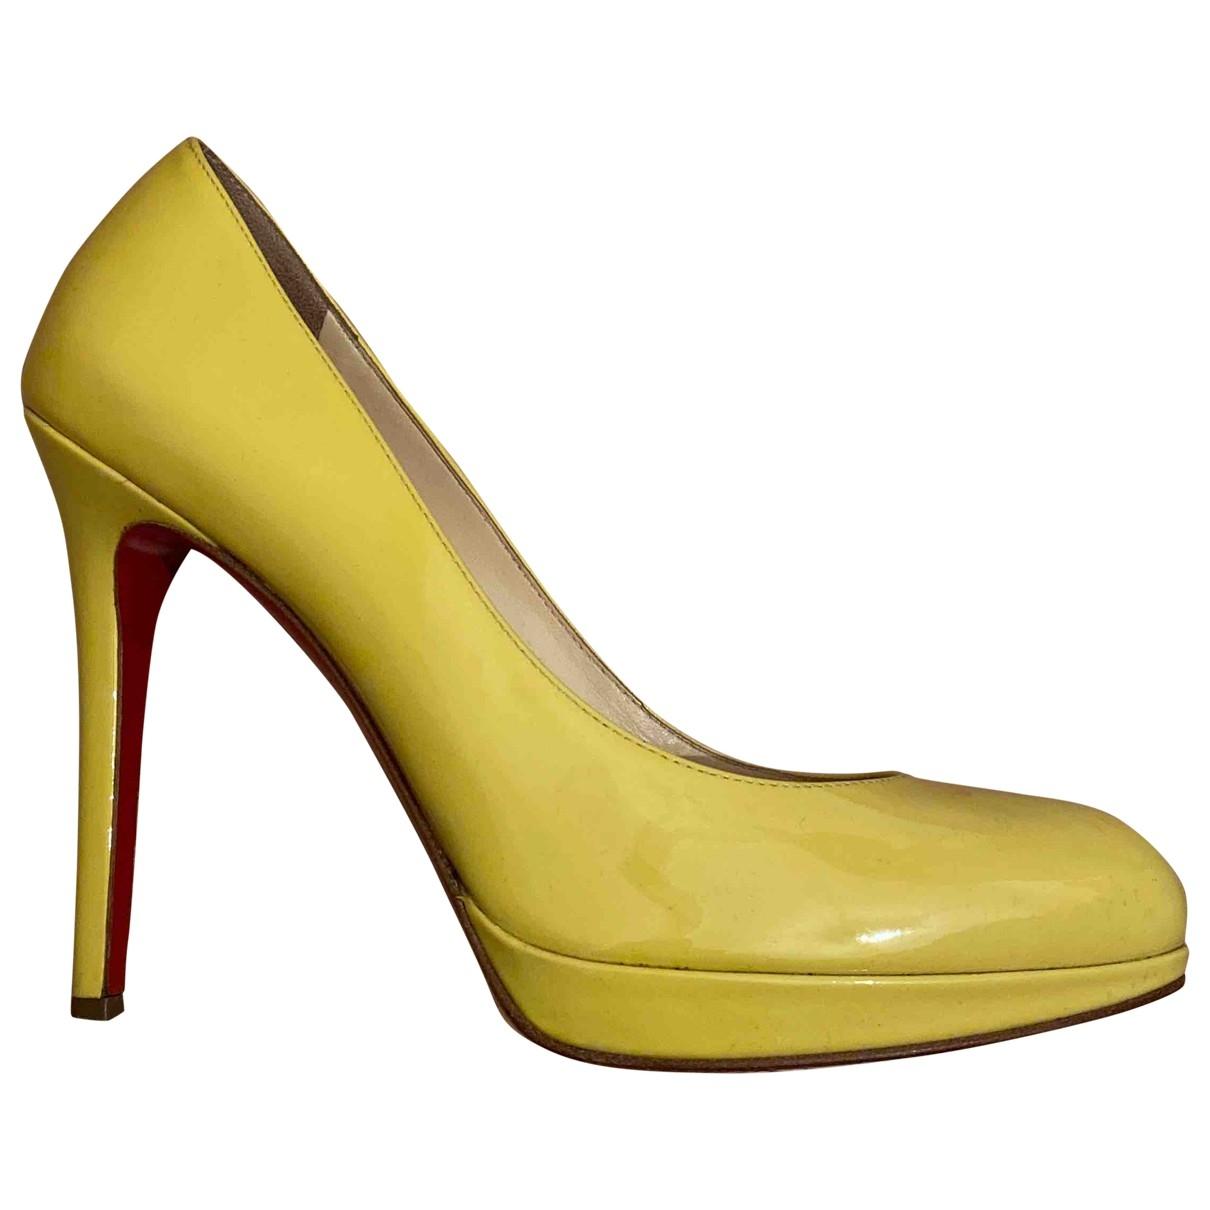 Christian Louboutin - Escarpins Simple pump pour femme en cuir verni - jaune